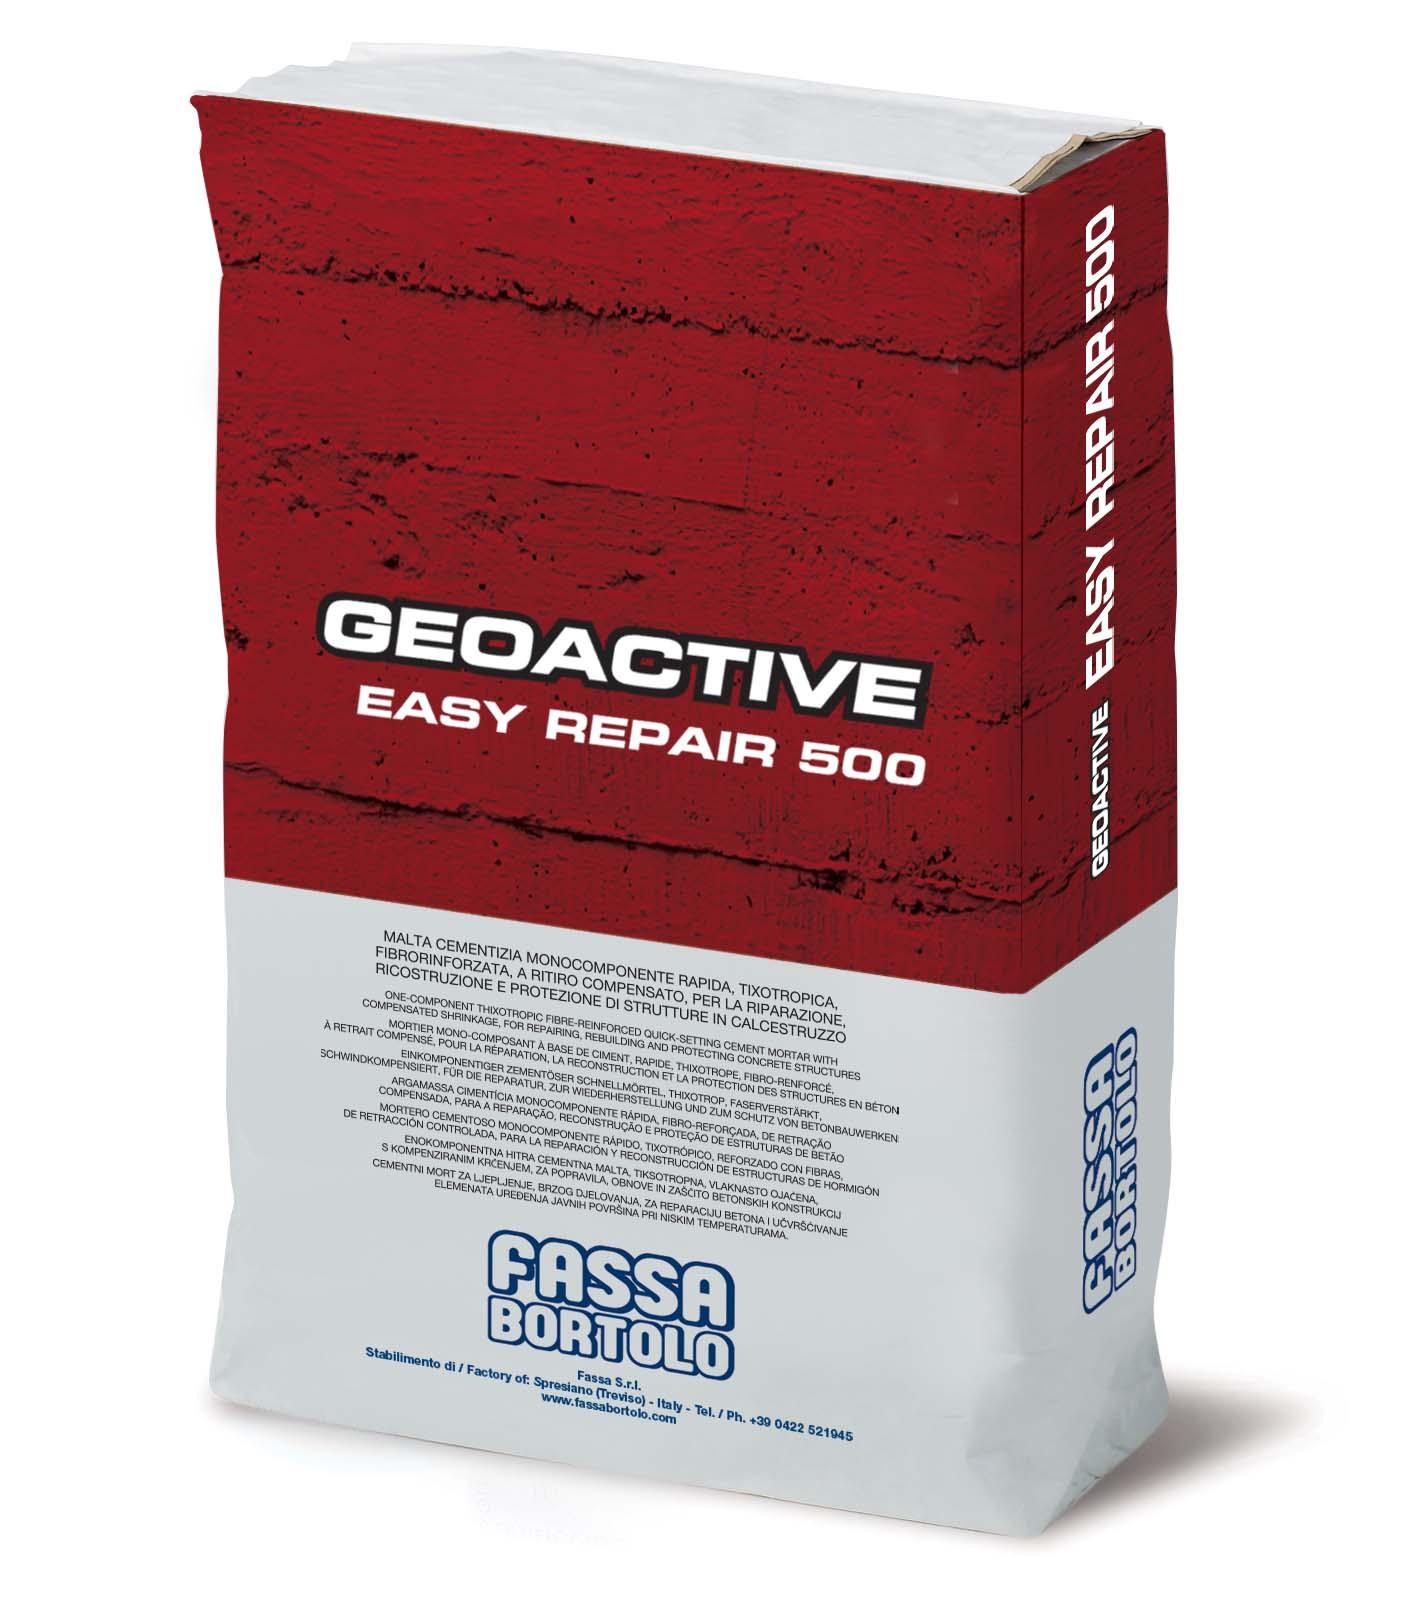 GEOACTIVE EASY REPAIR 500: Malta cementizia monocomponente rapida, tixotropica, fibrorinforzata, a bassissimo ritiro, per la riparazione, ricostruzione e protezione di strutture in calcestruzzo